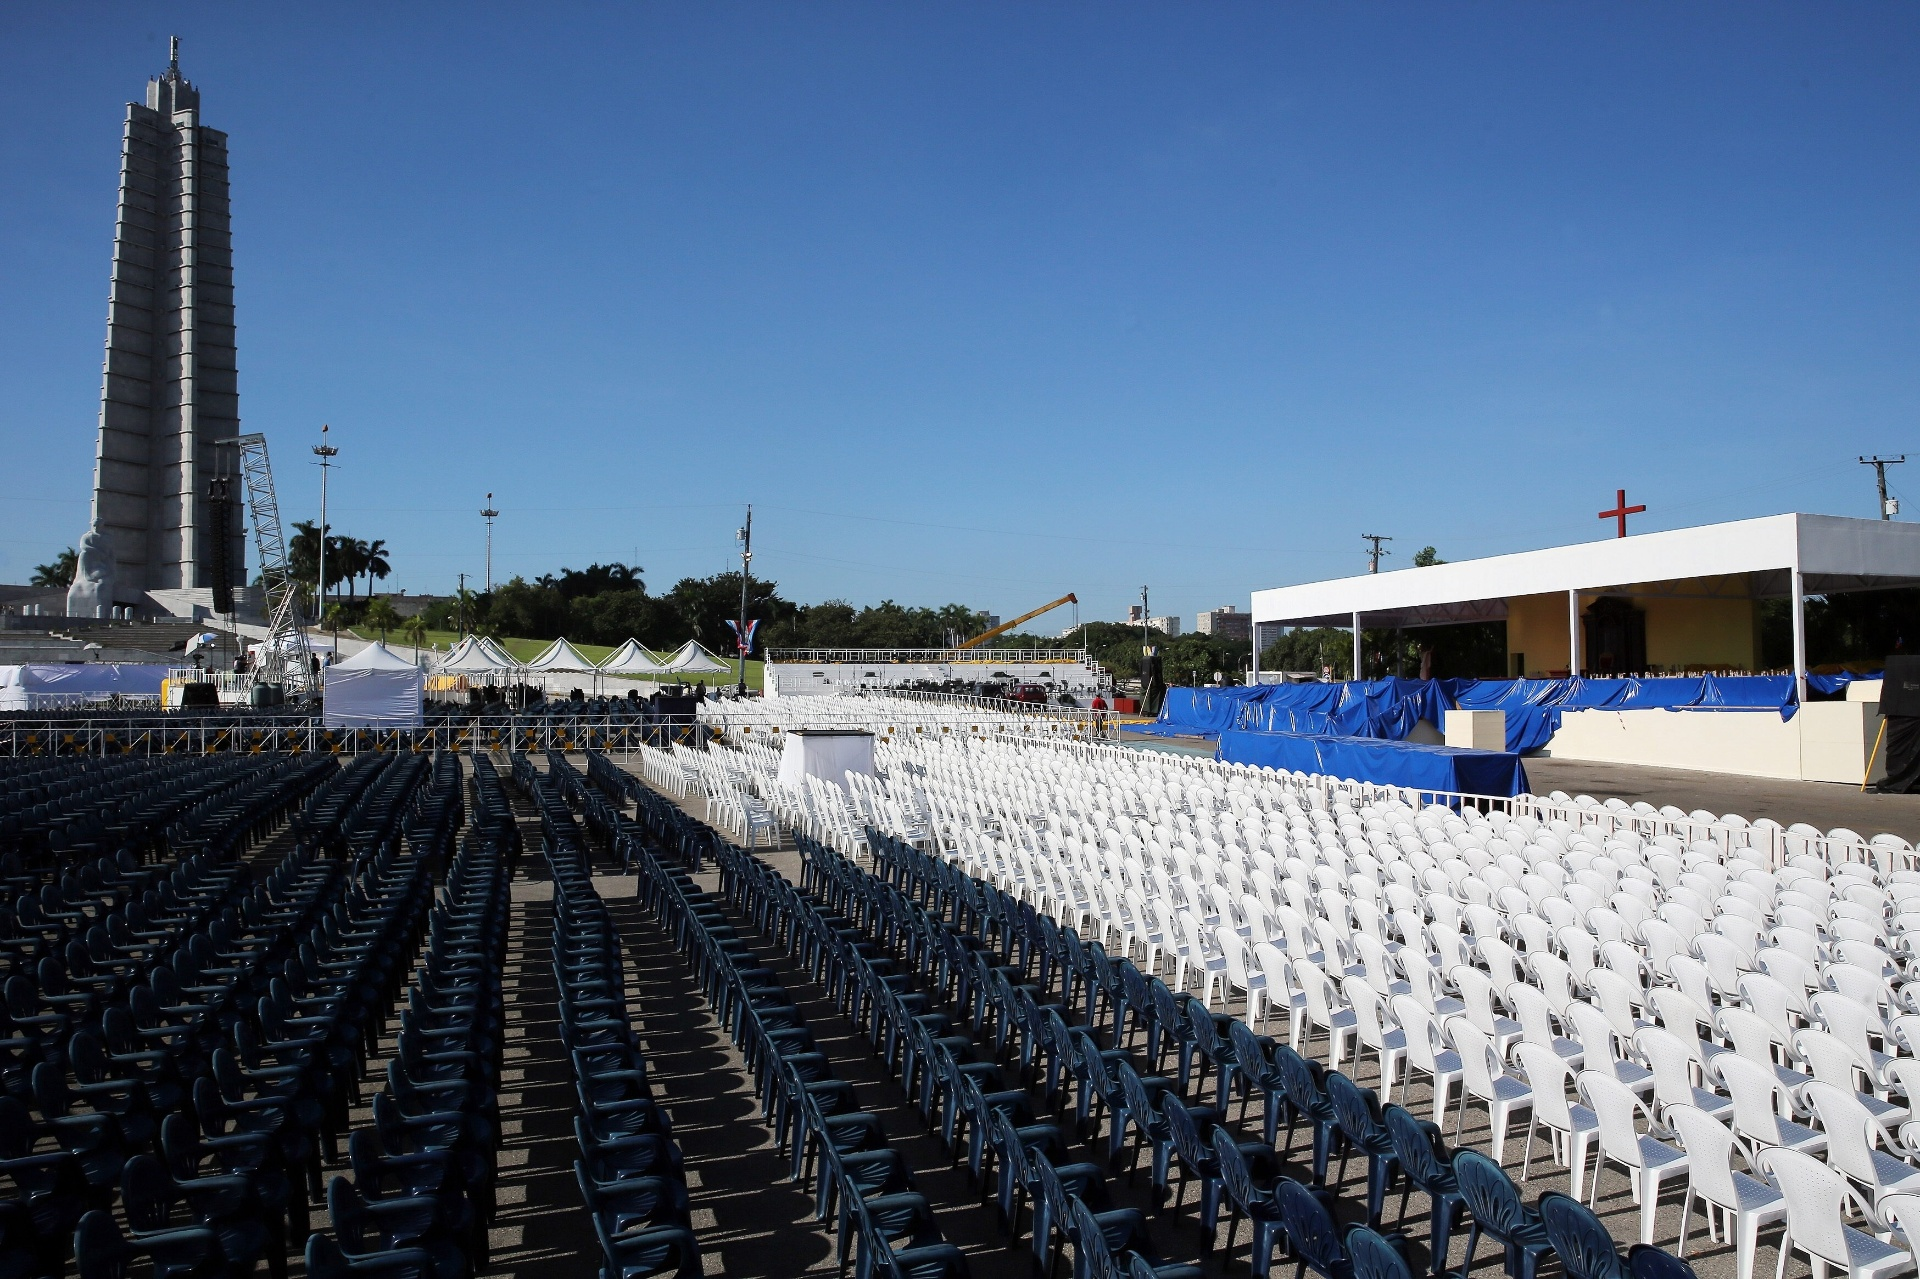 18.set.2015 - Cadeiras são colocadas na praça da Revolução, onde o papa Francisco celebrará uma missa, em Havana, Cuba. O papa Francisco começará no próximo sábado (19) sua 10ª viagem internacional, um périplo que o levará a Cuba e aos Estados Unidos durante nove dias, nos quais fará 26 discursos